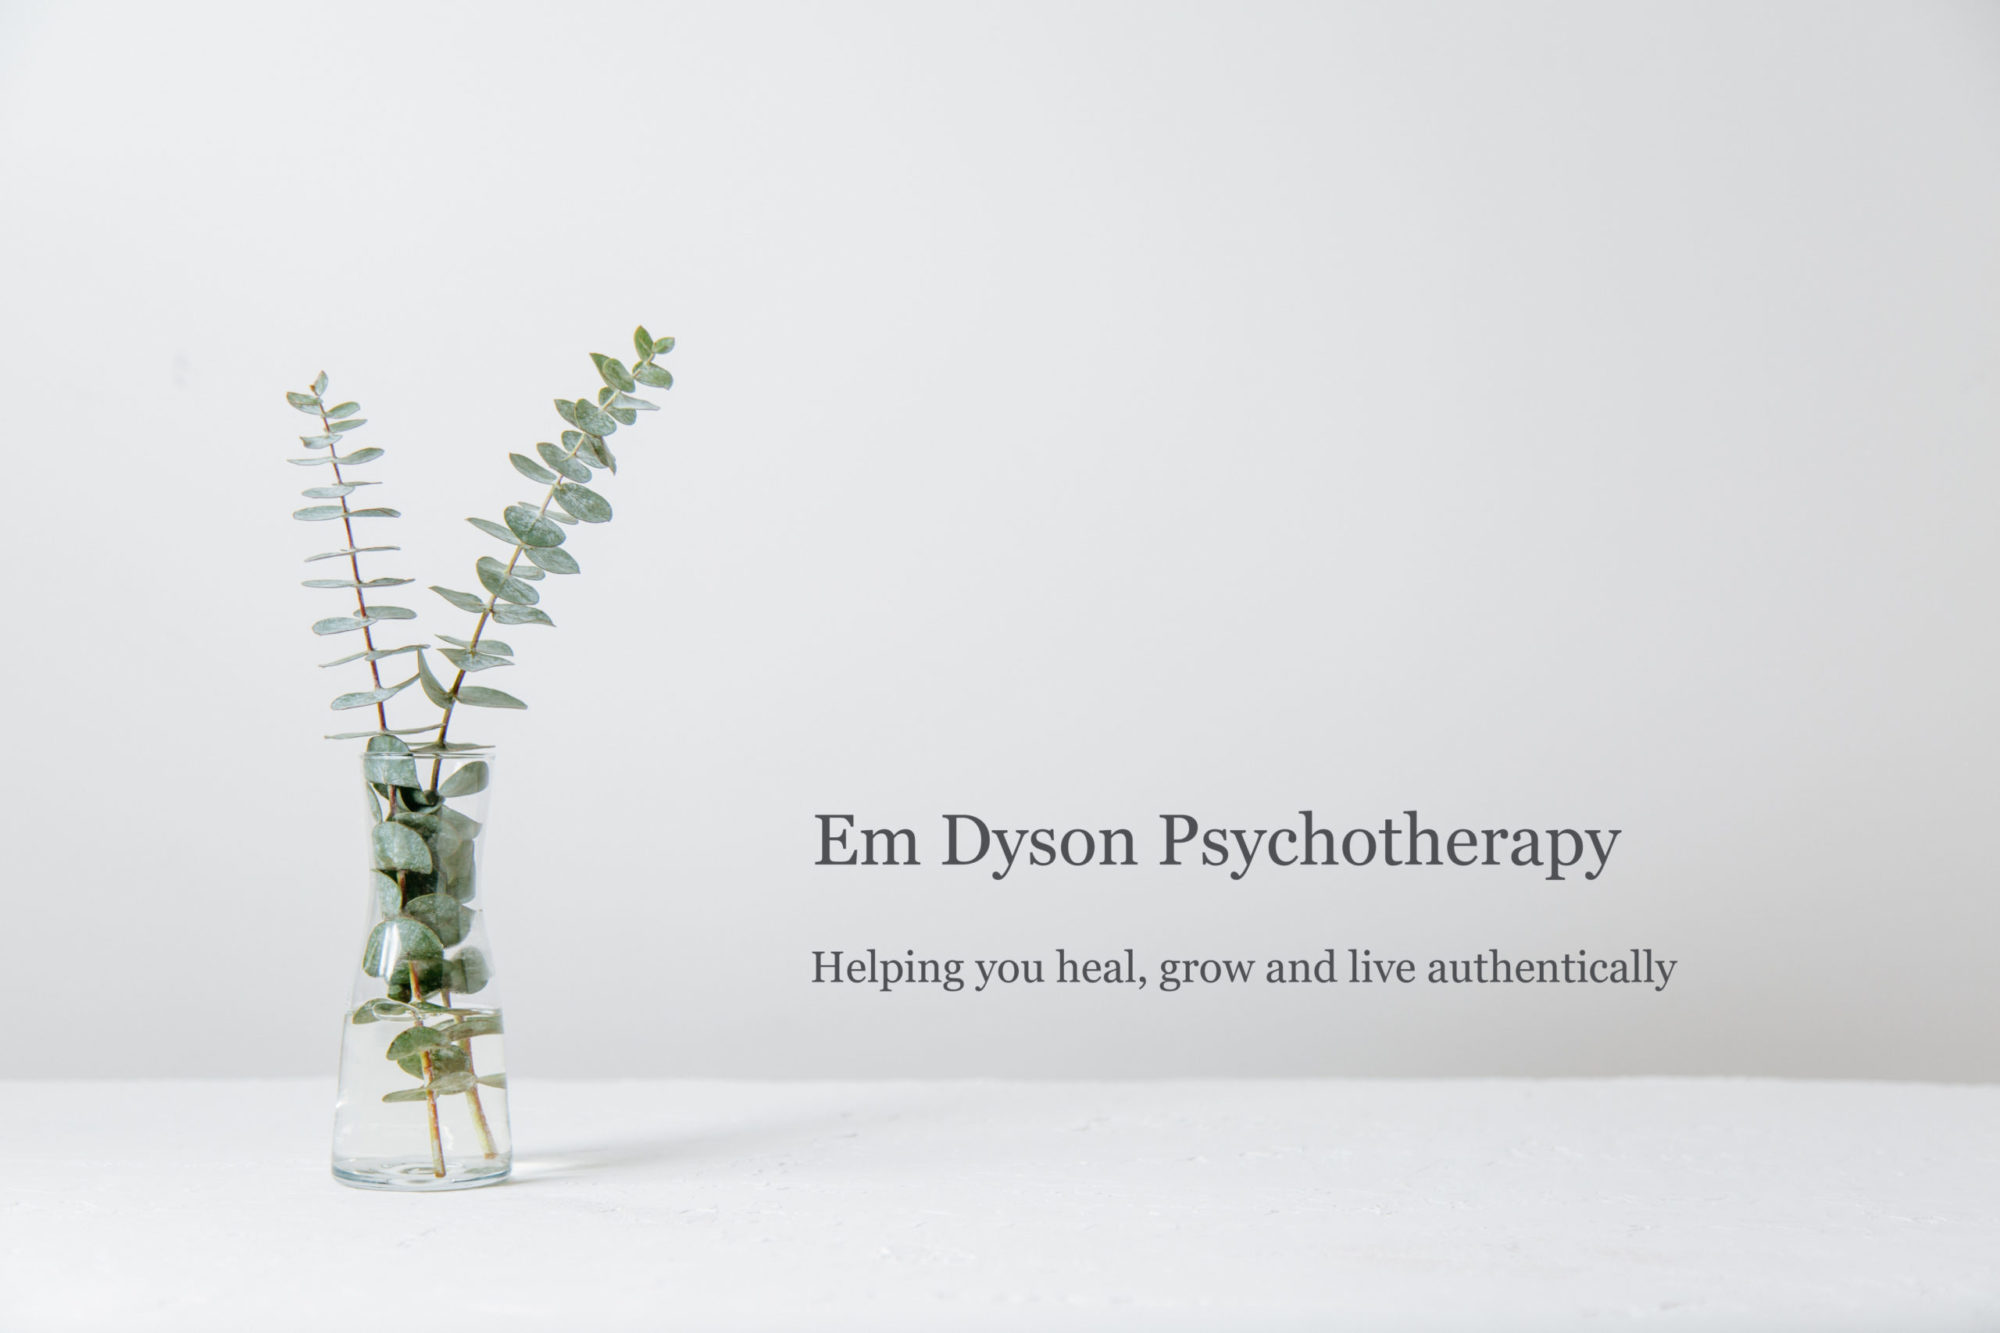 Em Dyson Psychotherapy